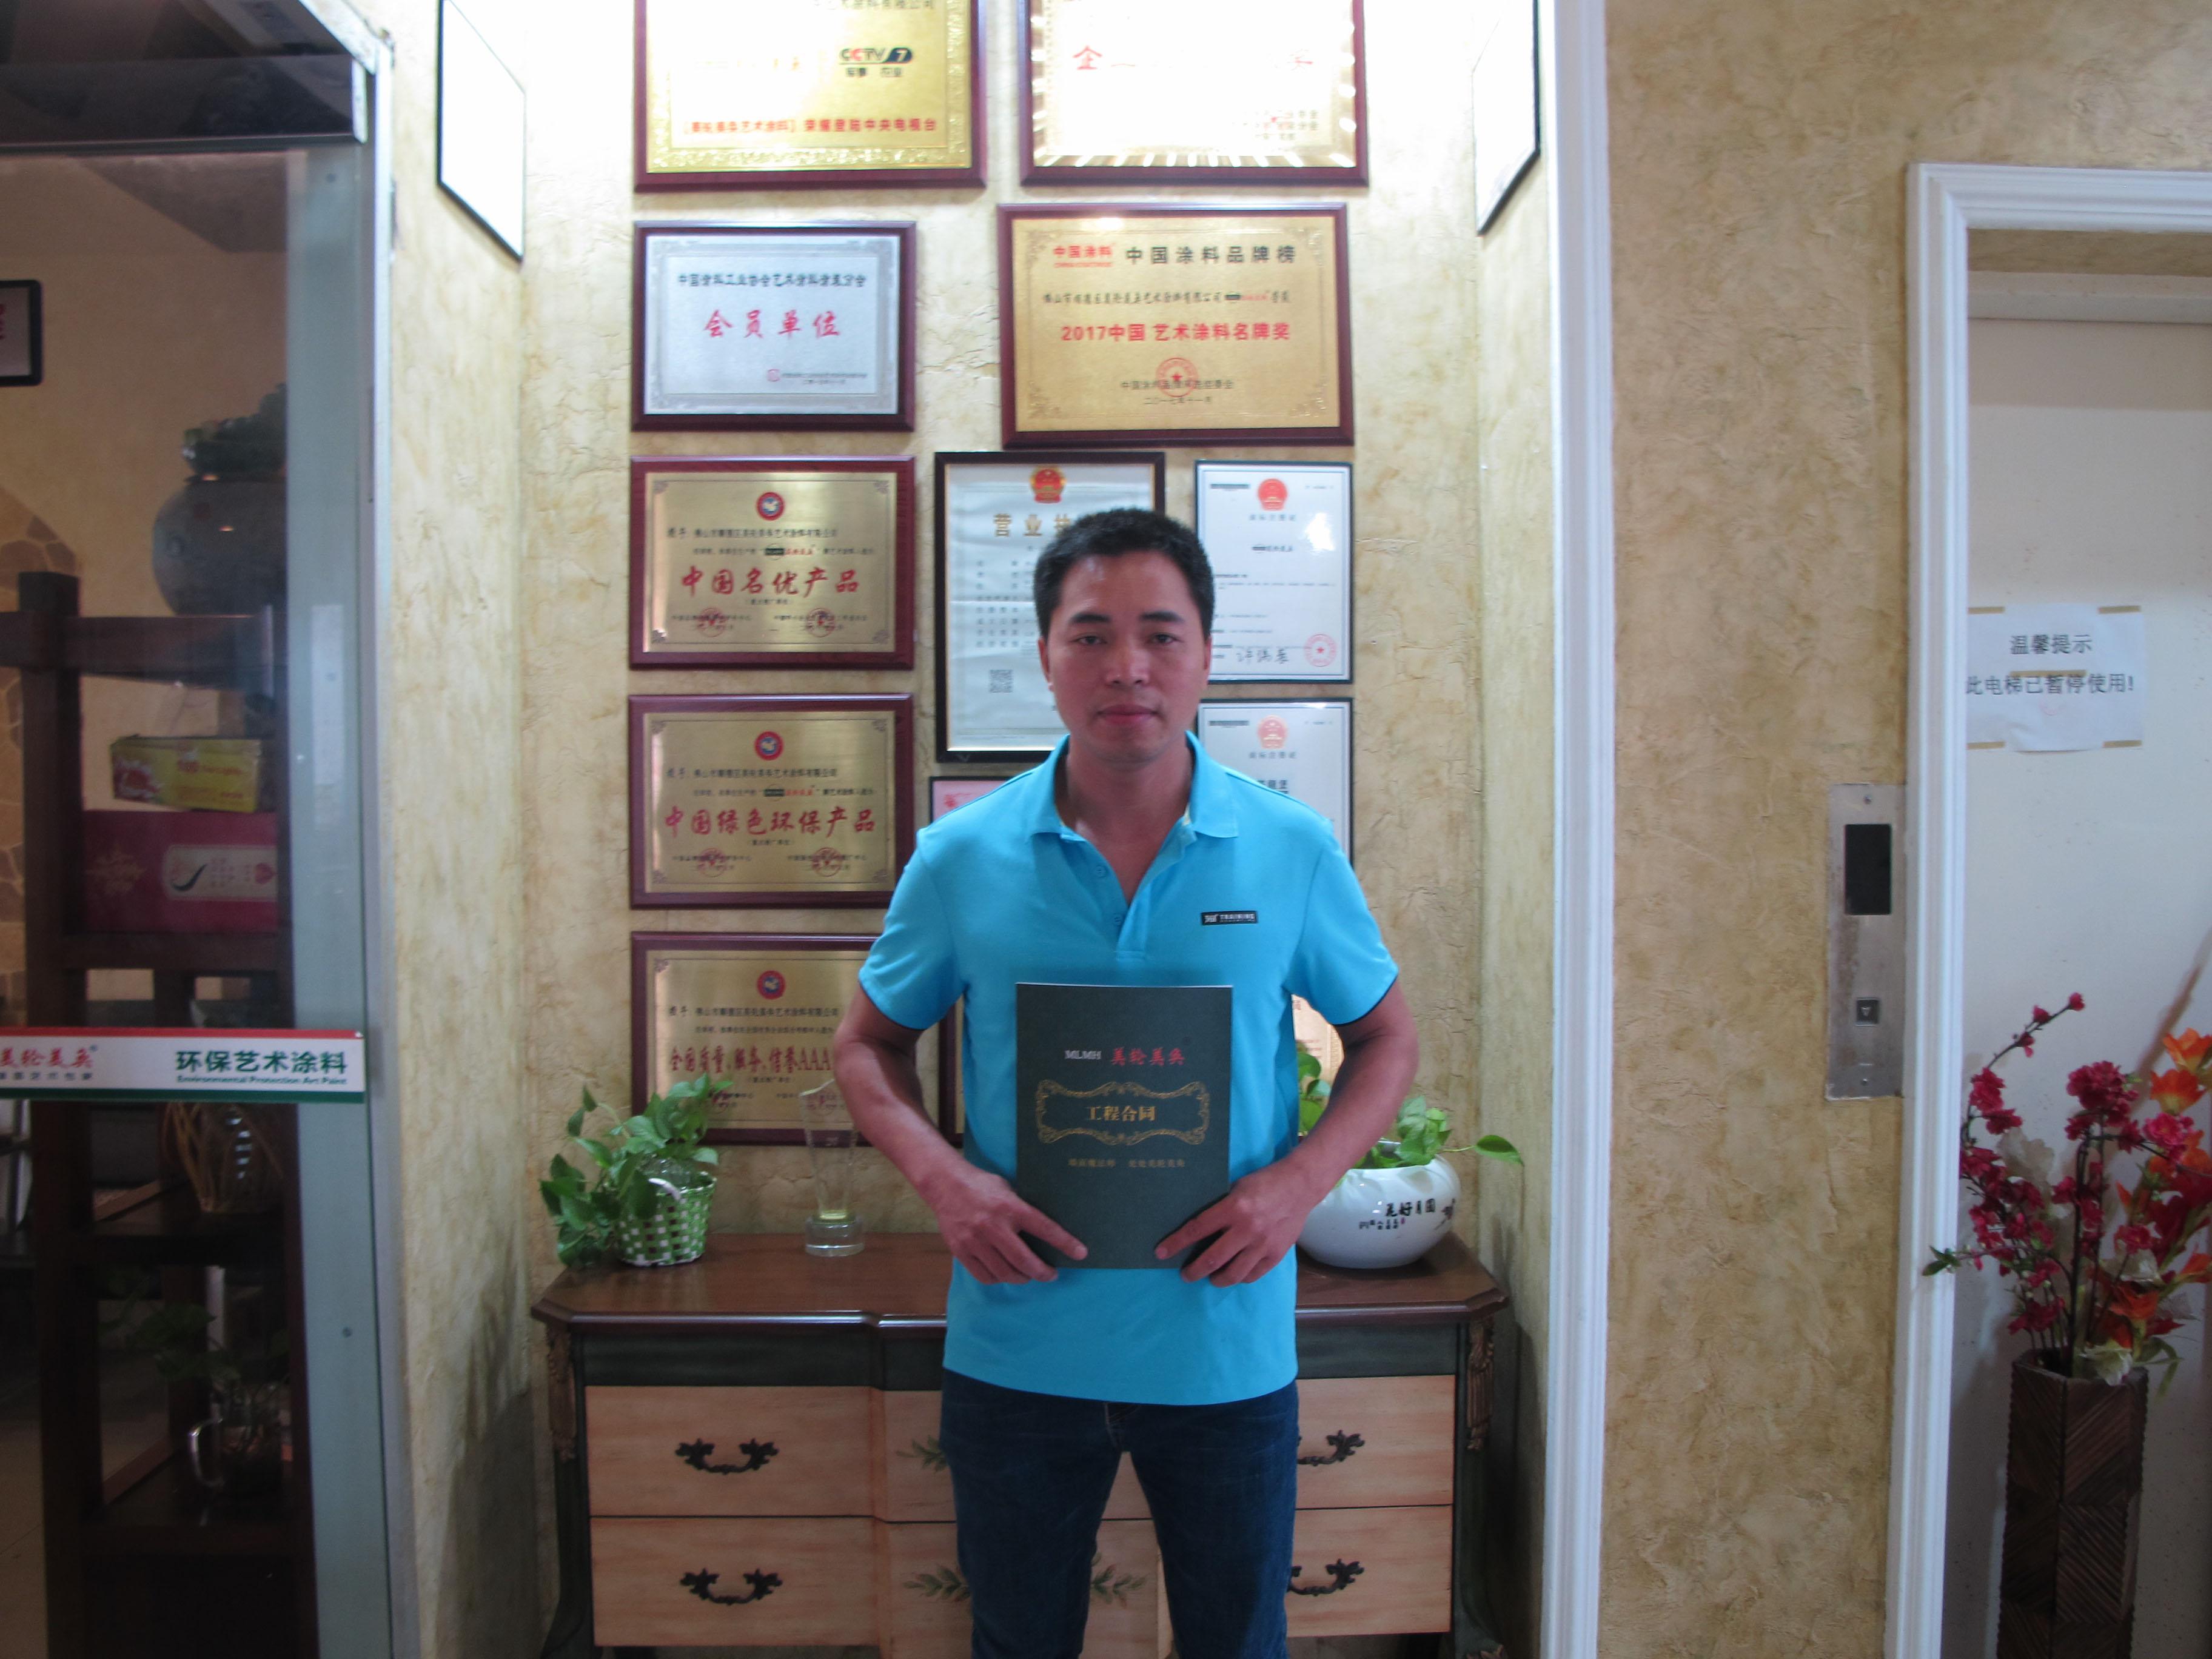 欢迎樊总加入易胜博客户端艺术易胜博注册成为合作伙伴